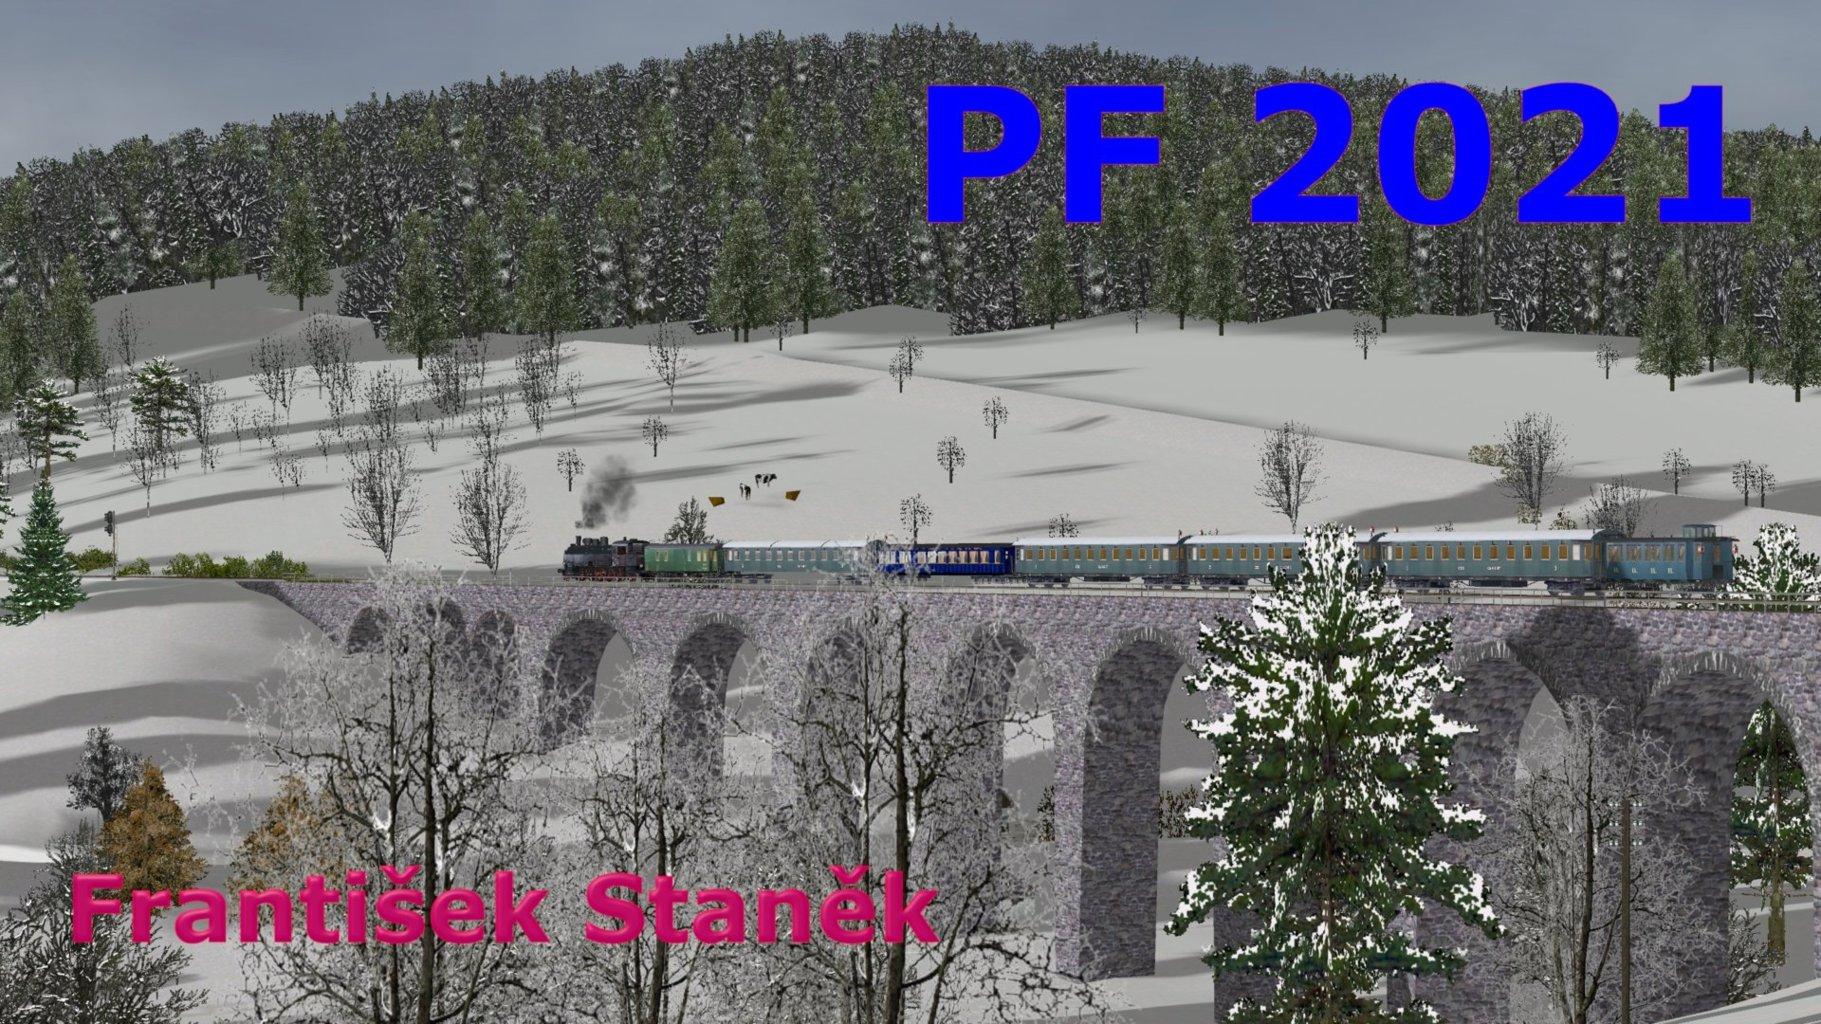 RunActivityLAA 2020-12-24 11-51-03-050.jpg